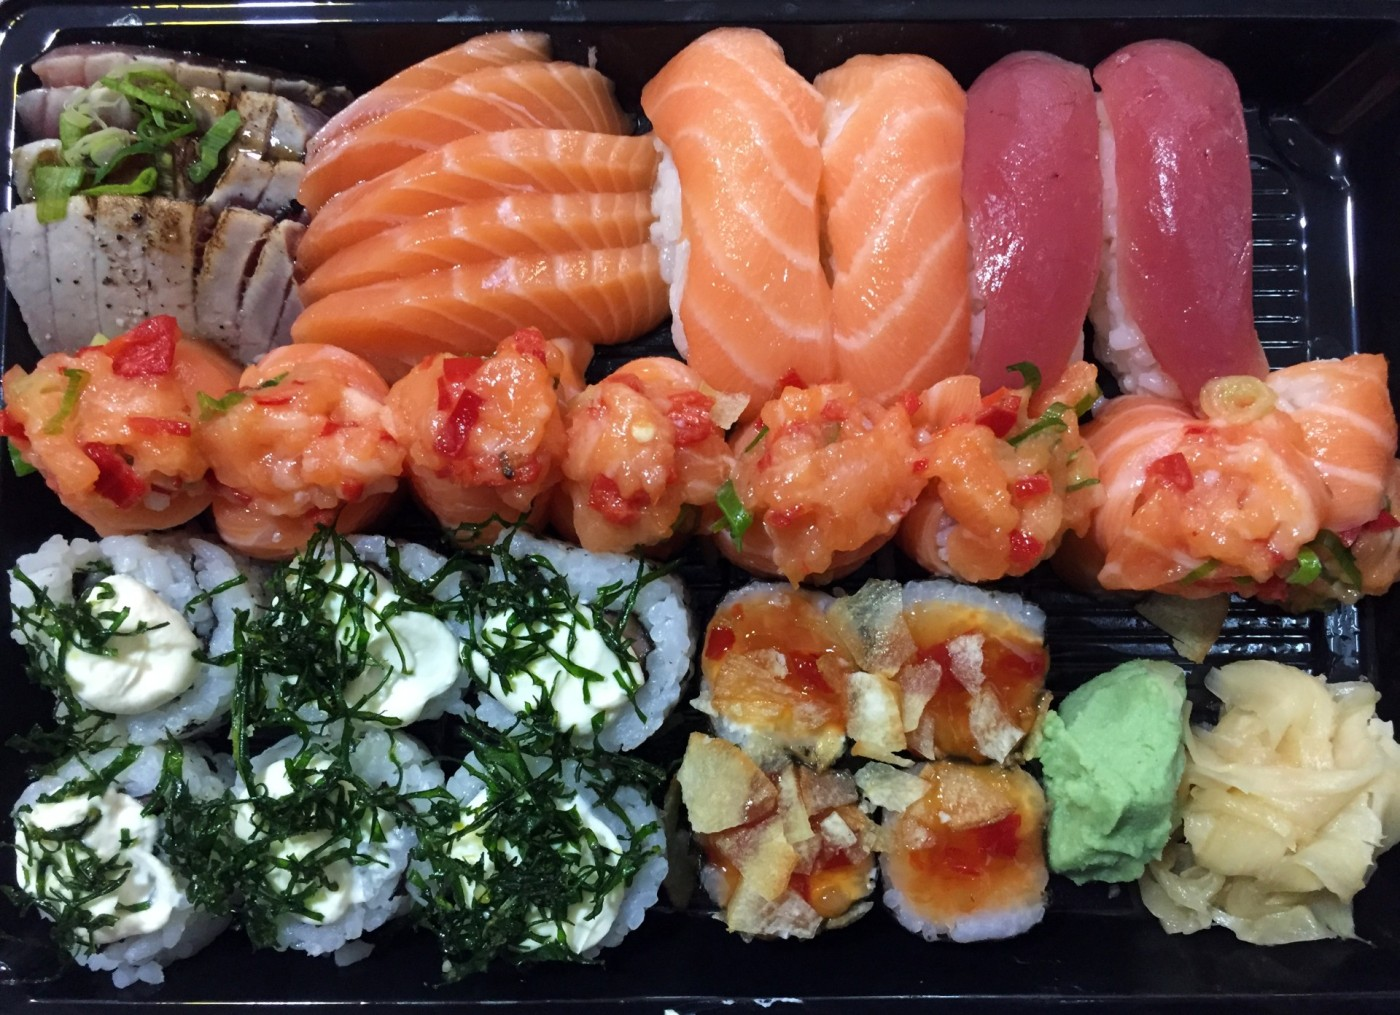 sashimis suhis e rolls do exclusivo sushi com os3fominhas